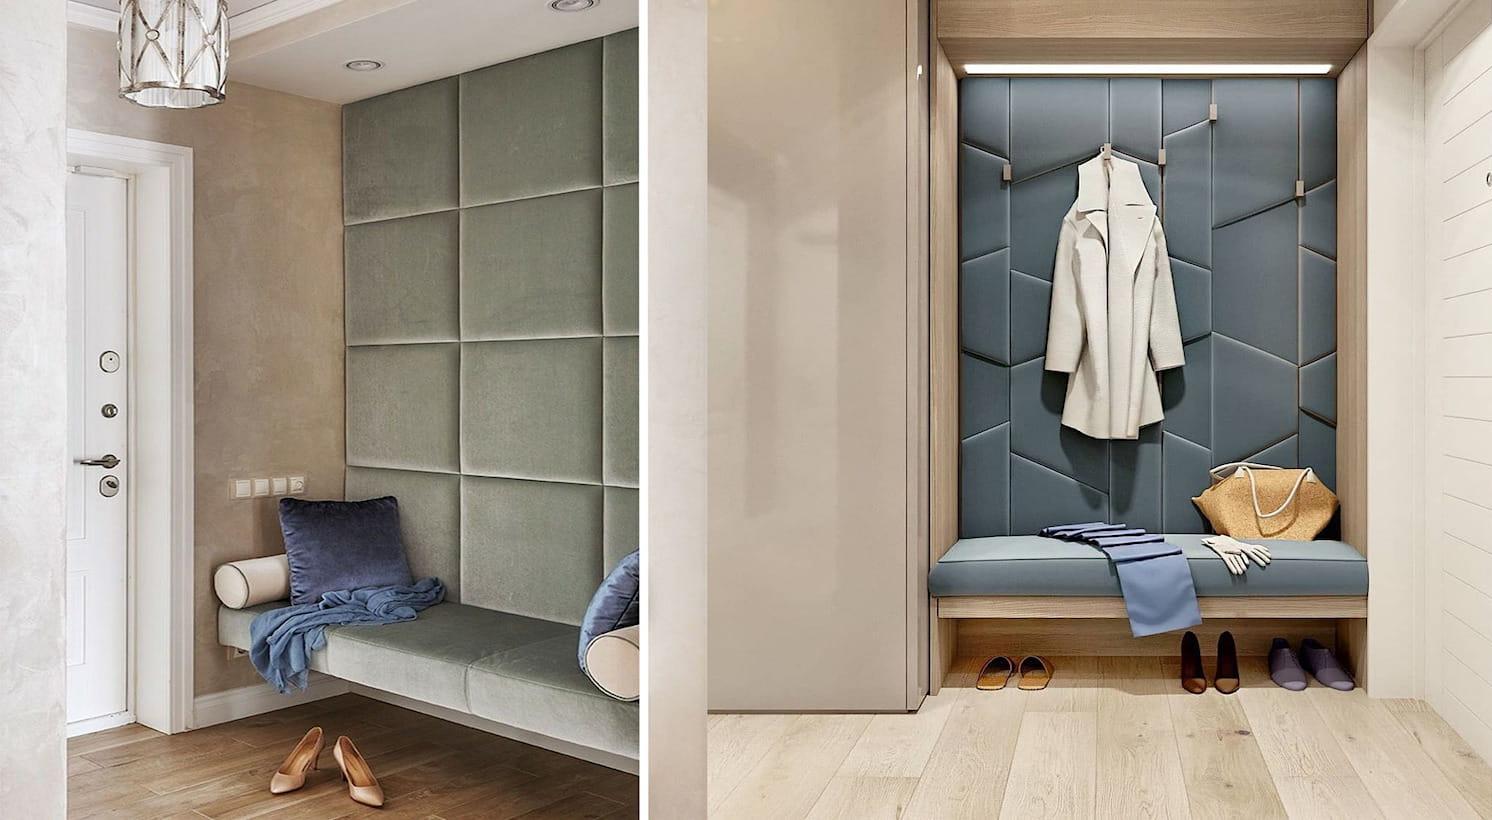 La finition des murs du couloir avec des panneaux souples est élégante et originale.